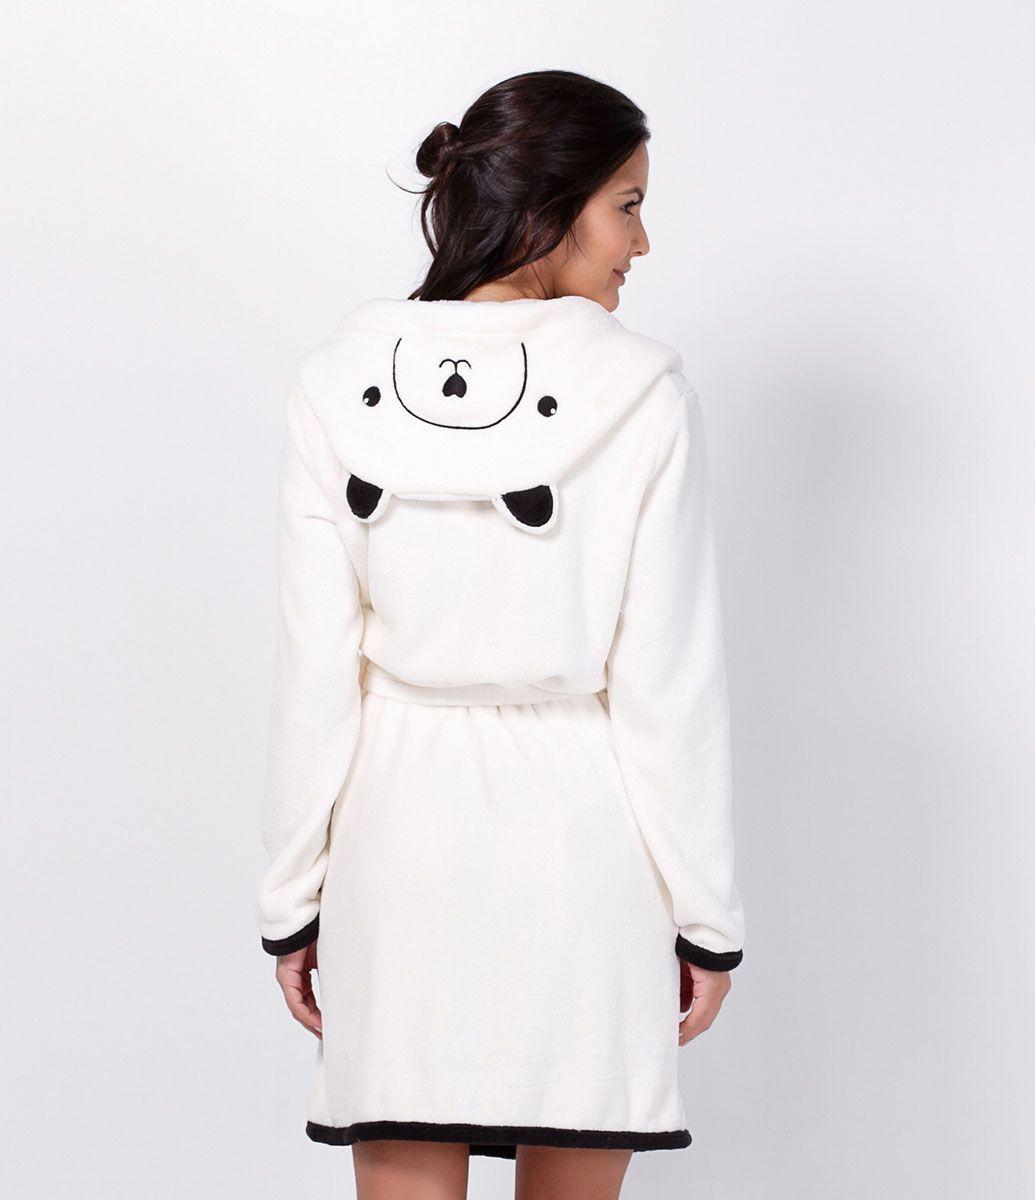 cc2cf39ac74632 Robe feminino Manga longa Gola com capuz Com estampa de gatinho ...